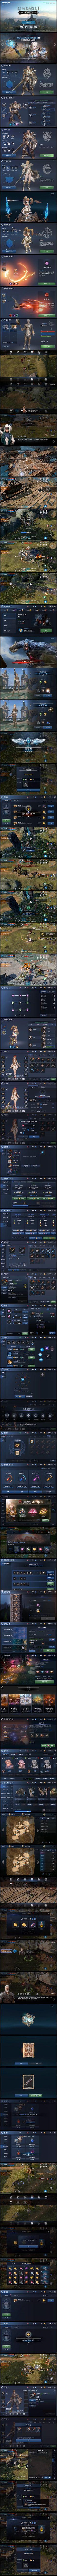 #韩系# #魔幻# 天堂2:革命 ui ...